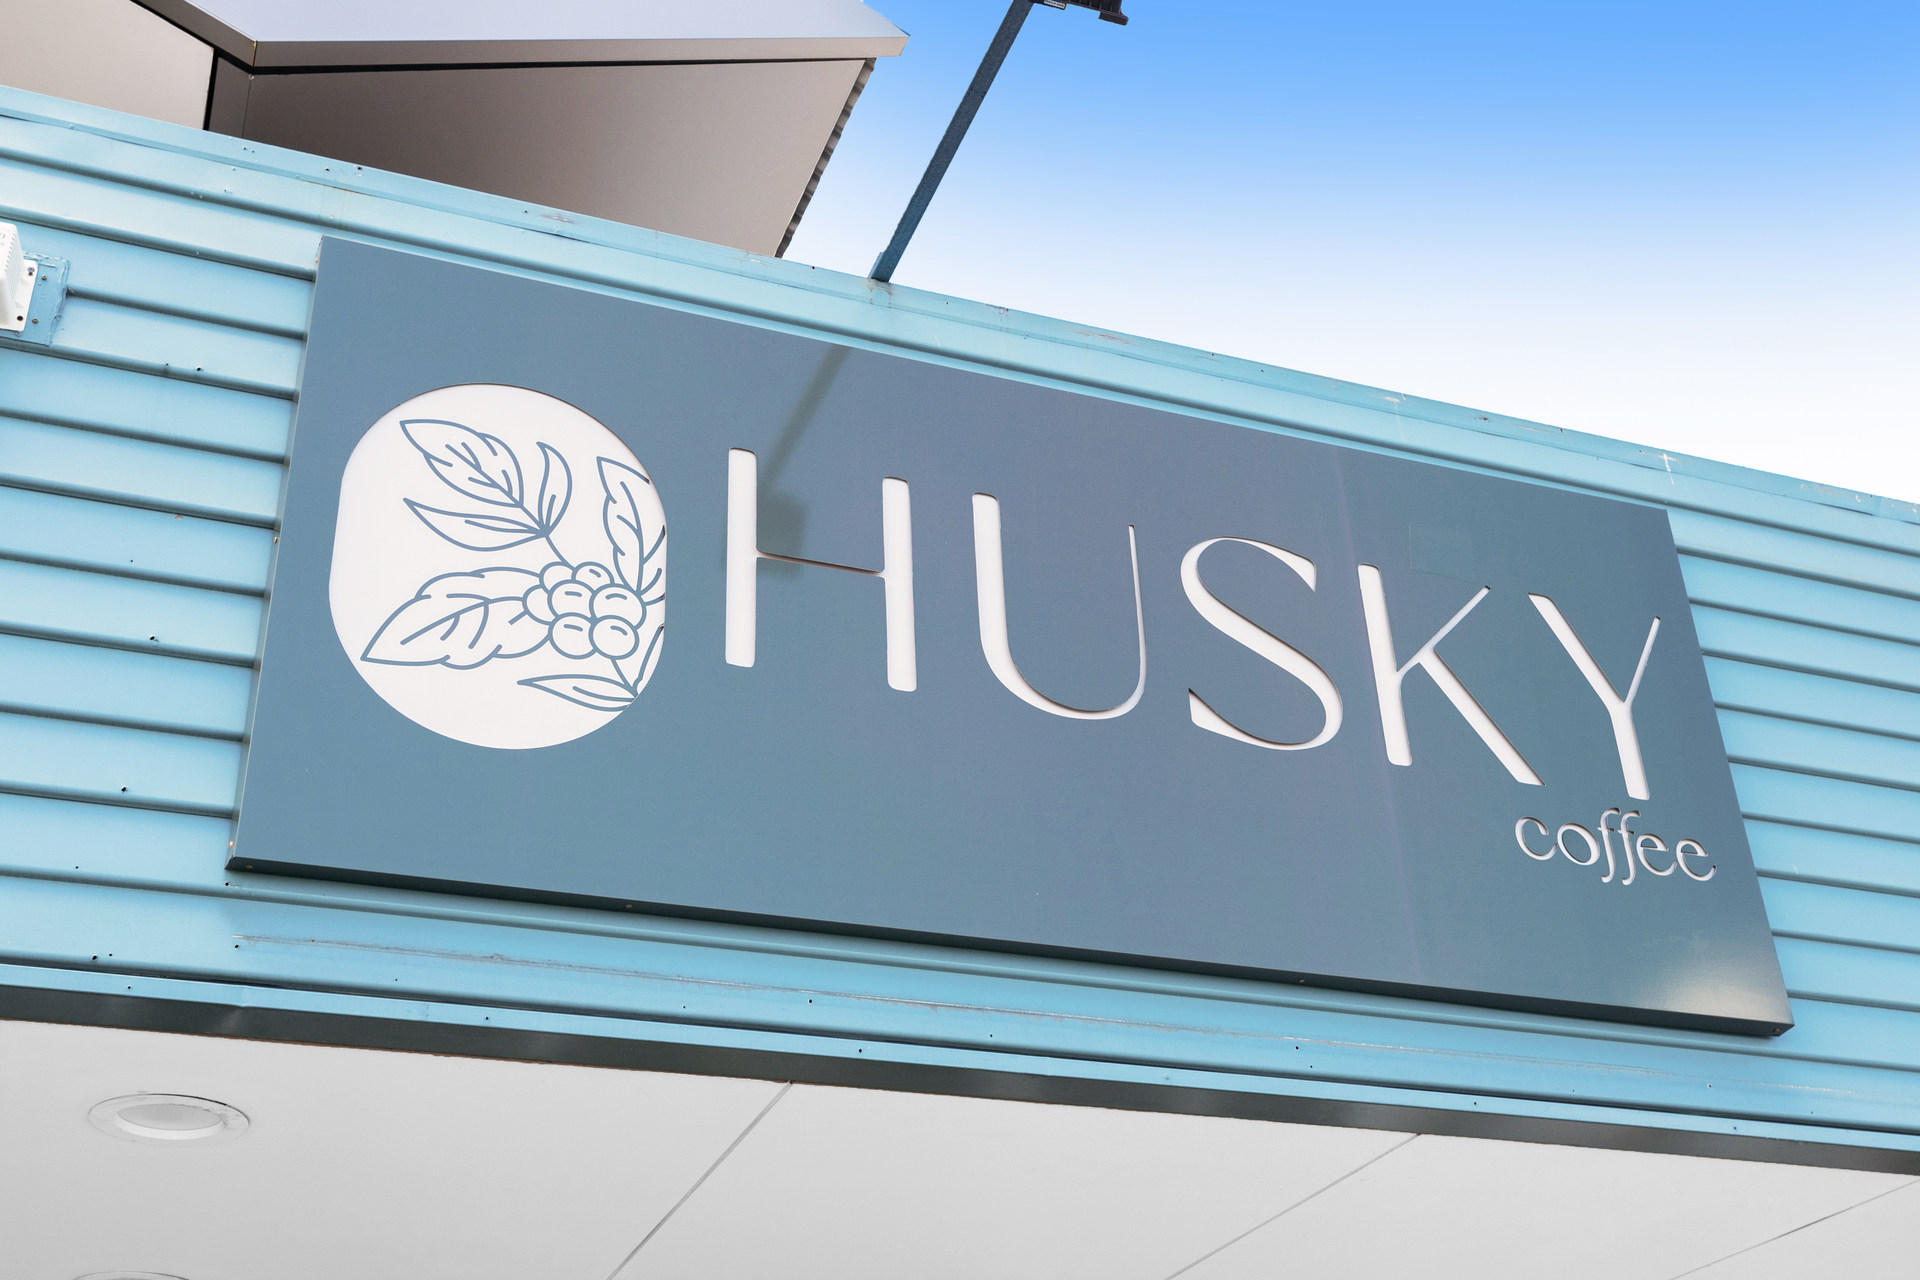 WEB Husky Cafe 24